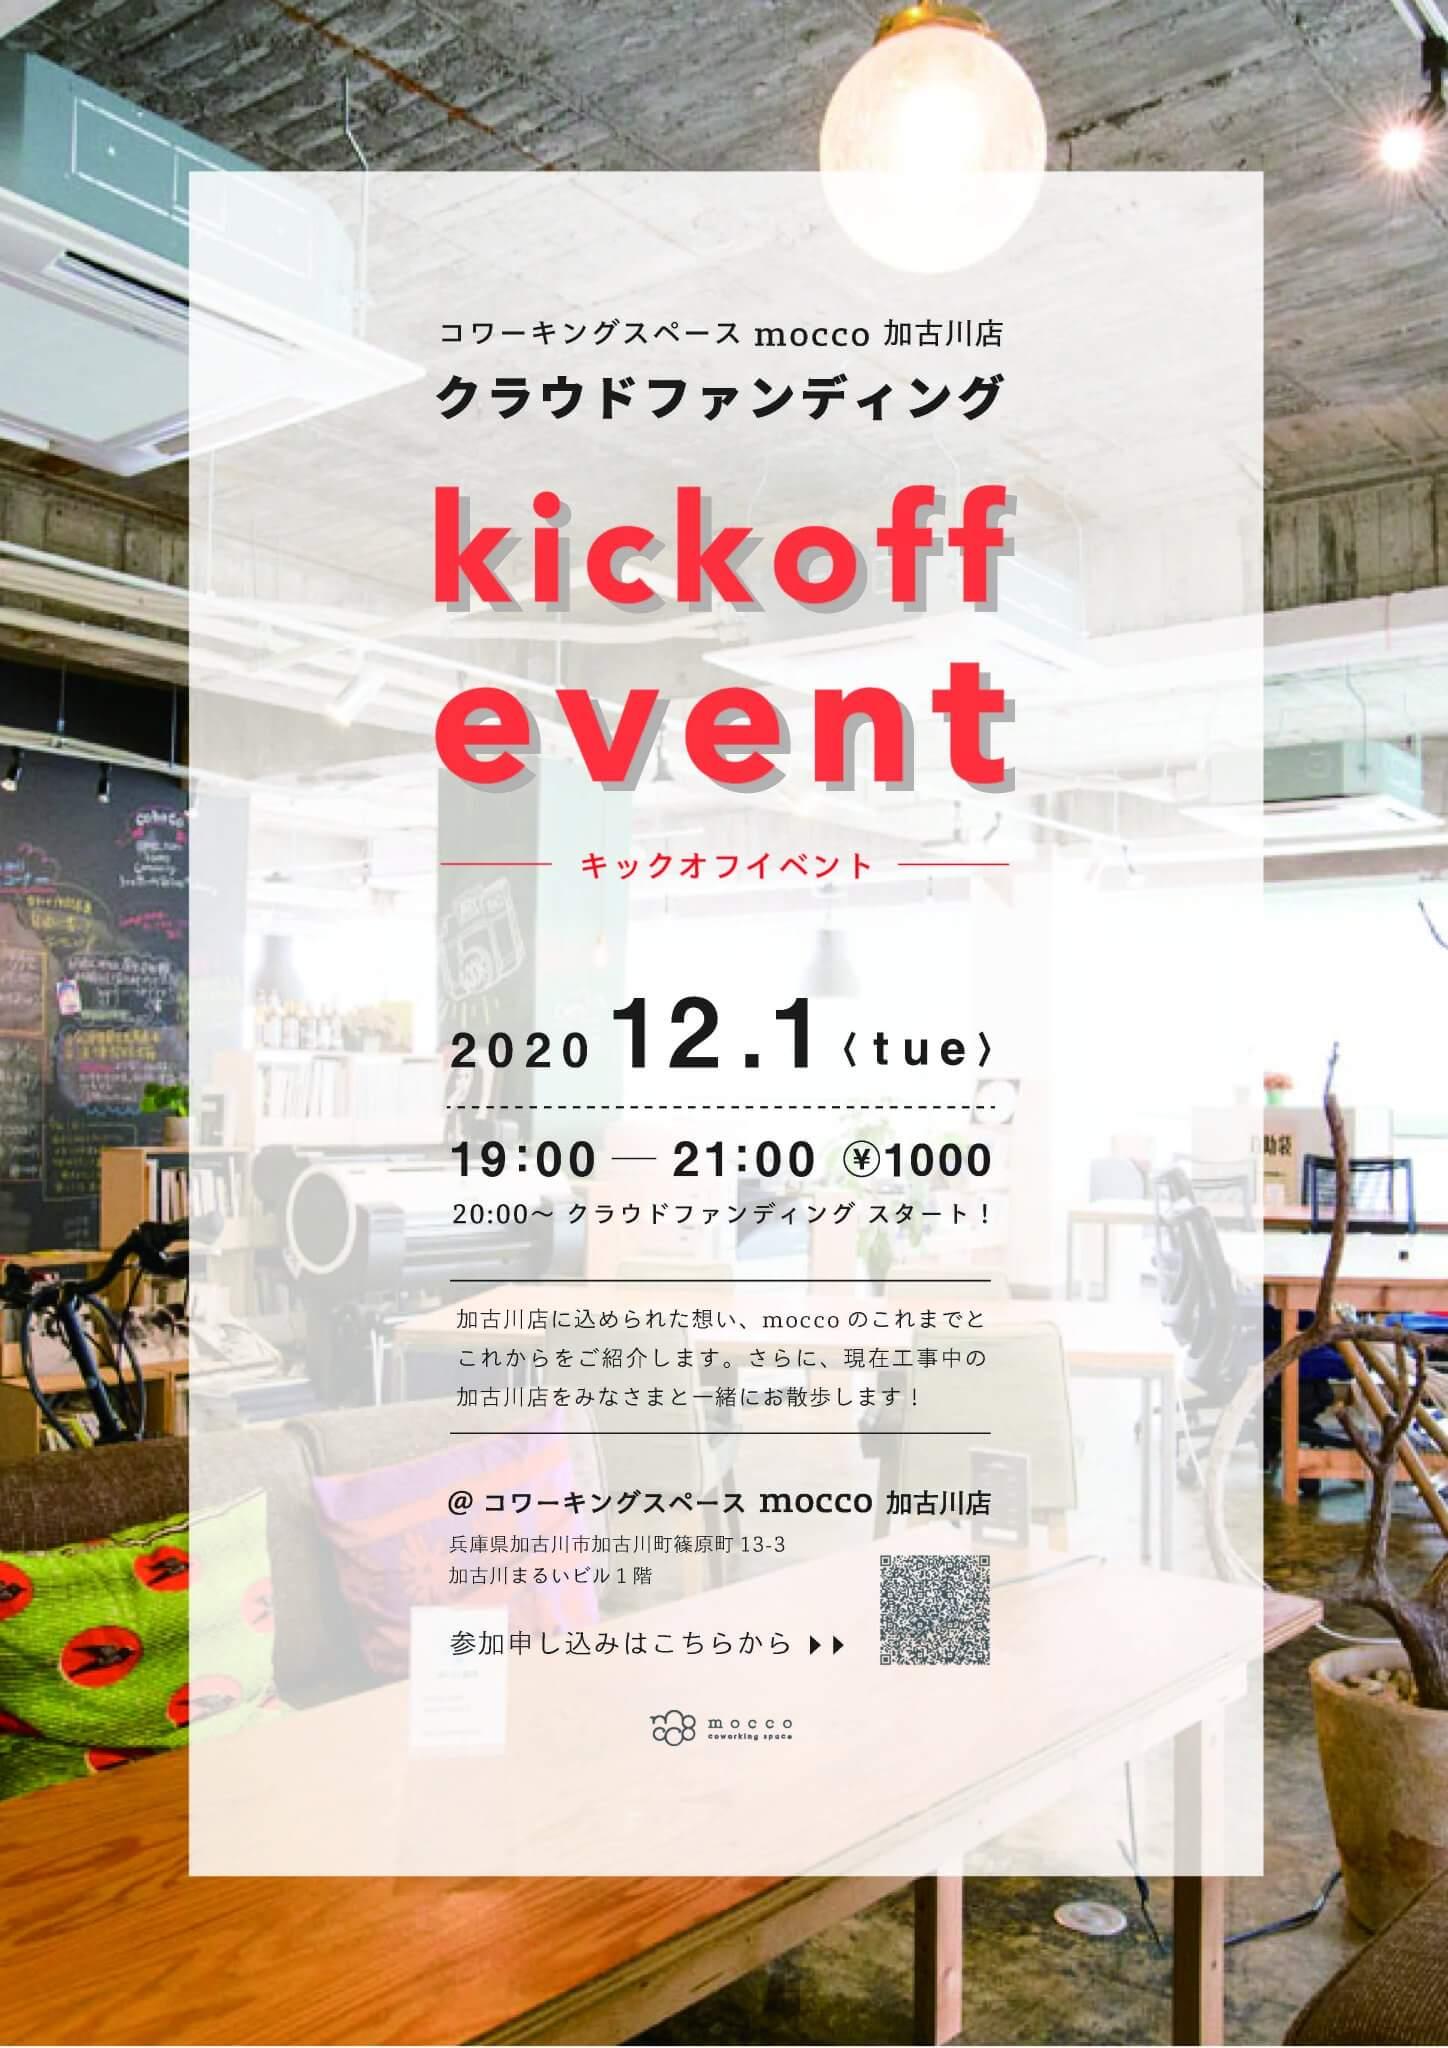 コワーキングスペースmocco加古川店クラウドファンディングキックオフイベントのお知らせ